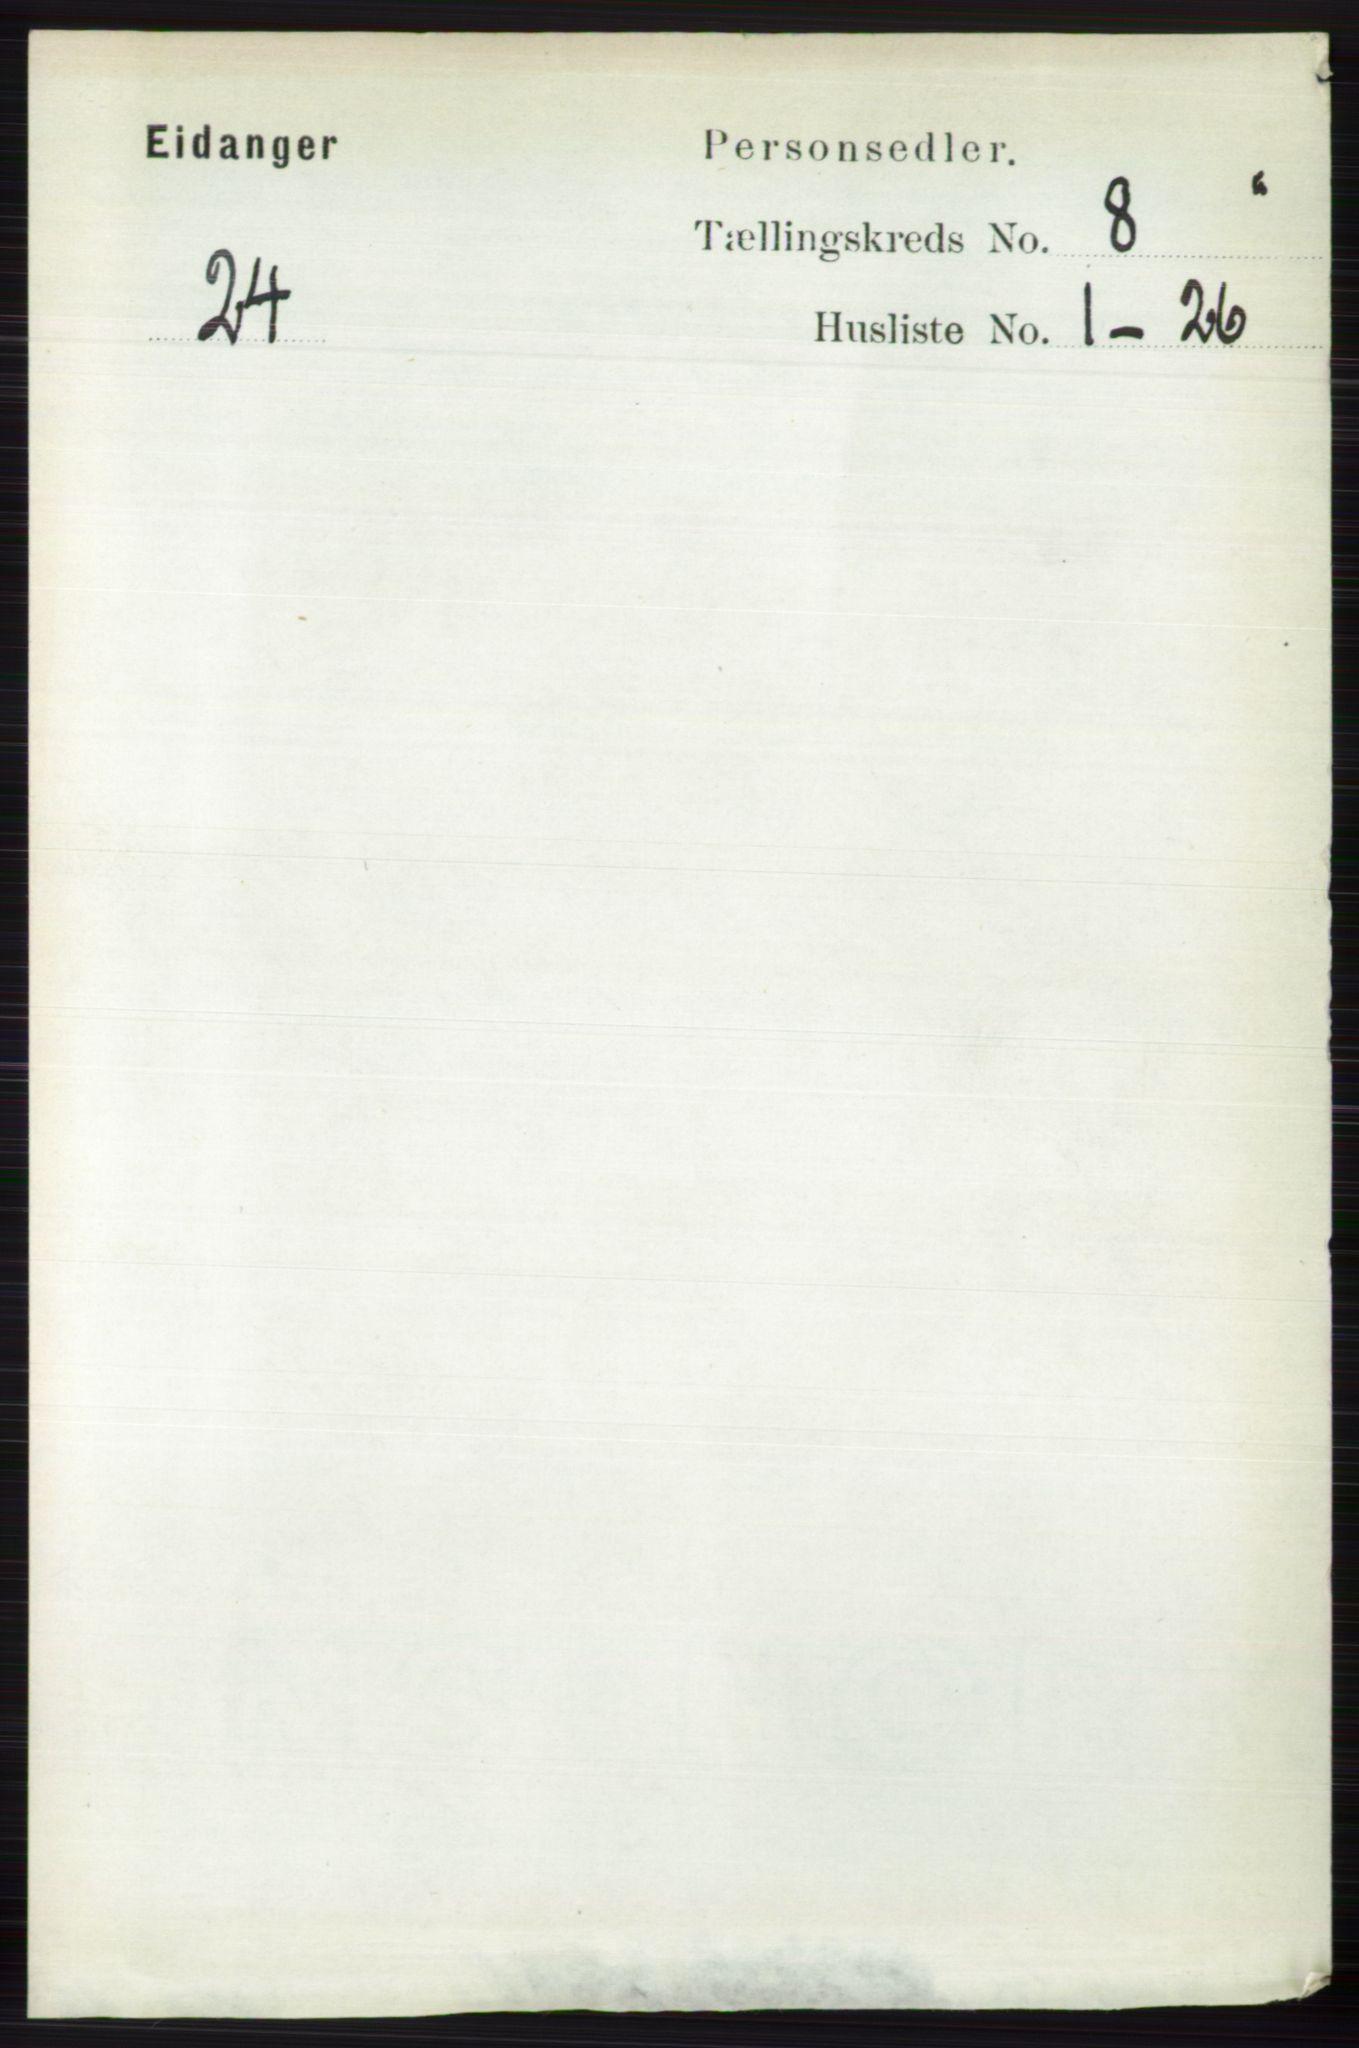 RA, Folketelling 1891 for 0813 Eidanger herred, 1891, s. 2986